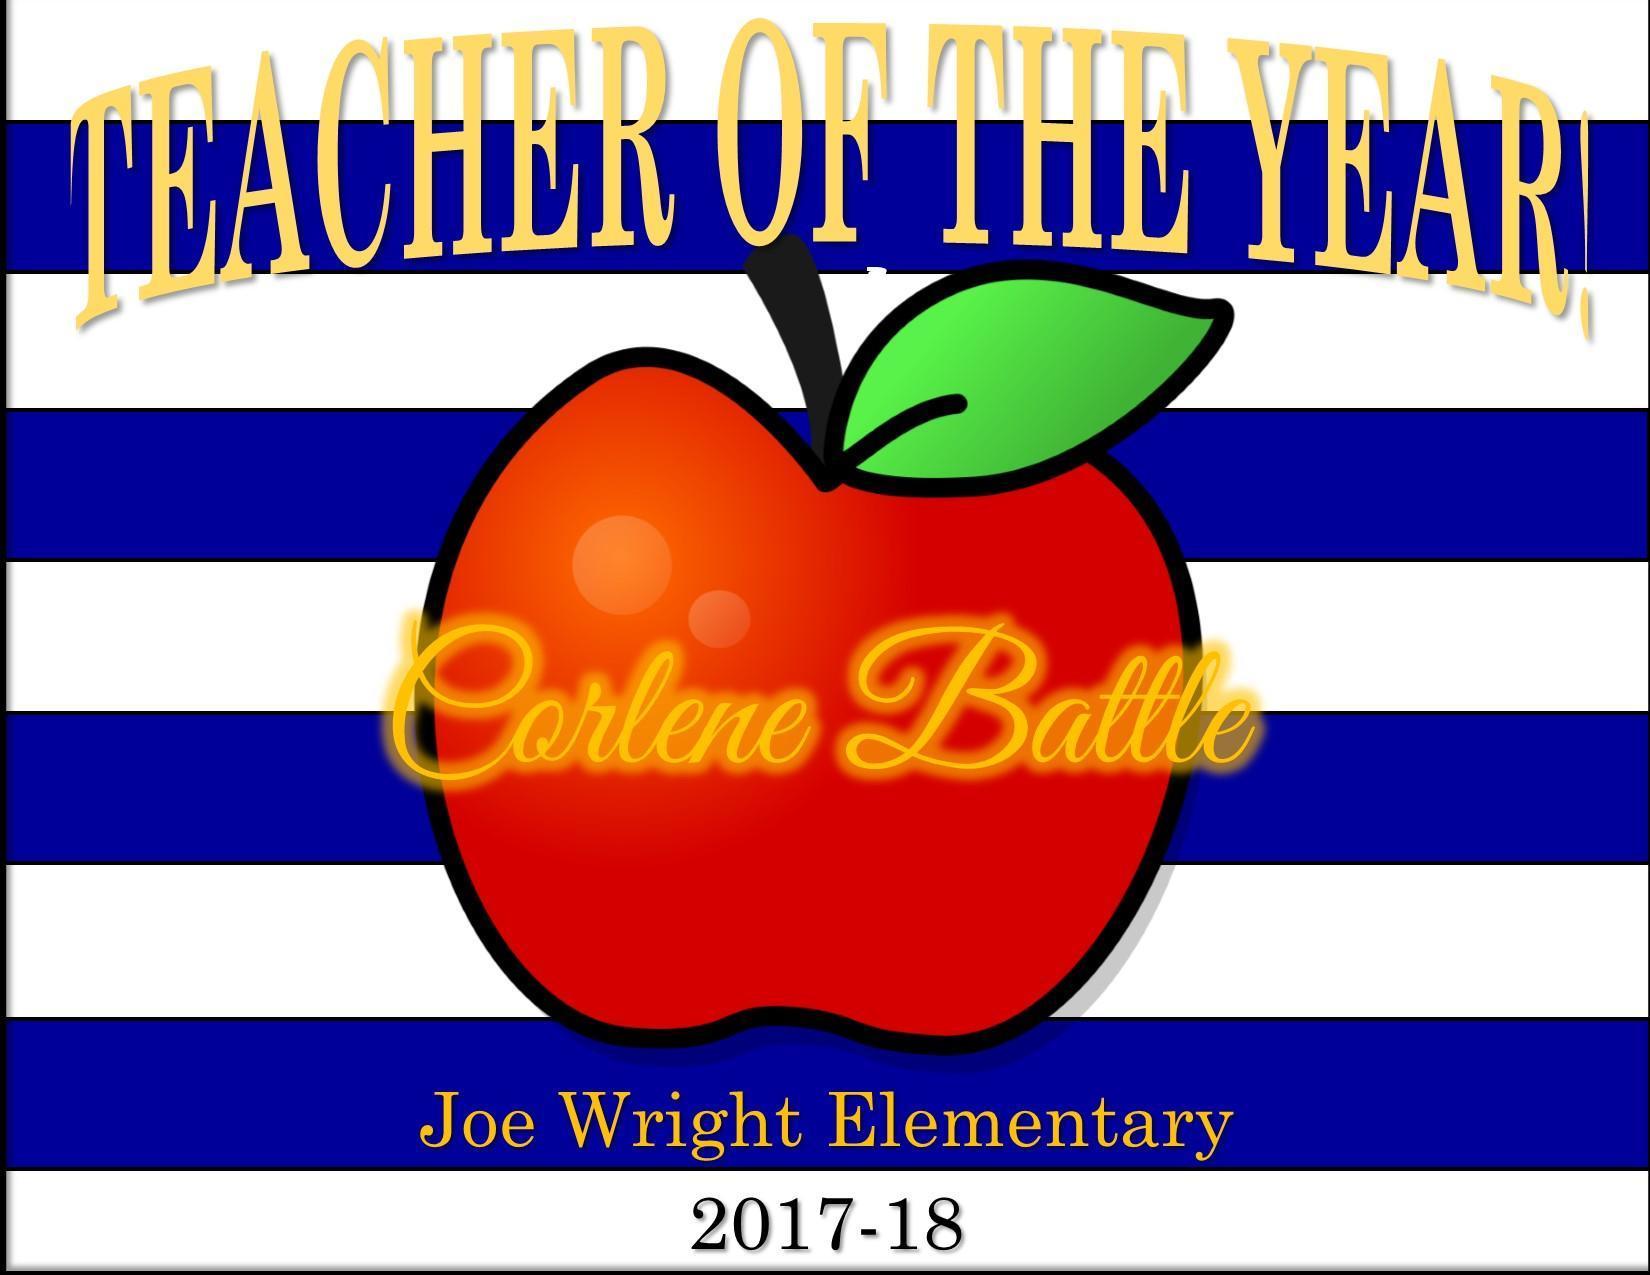 poster for Joe Wright teacher of the year Corlene Battle